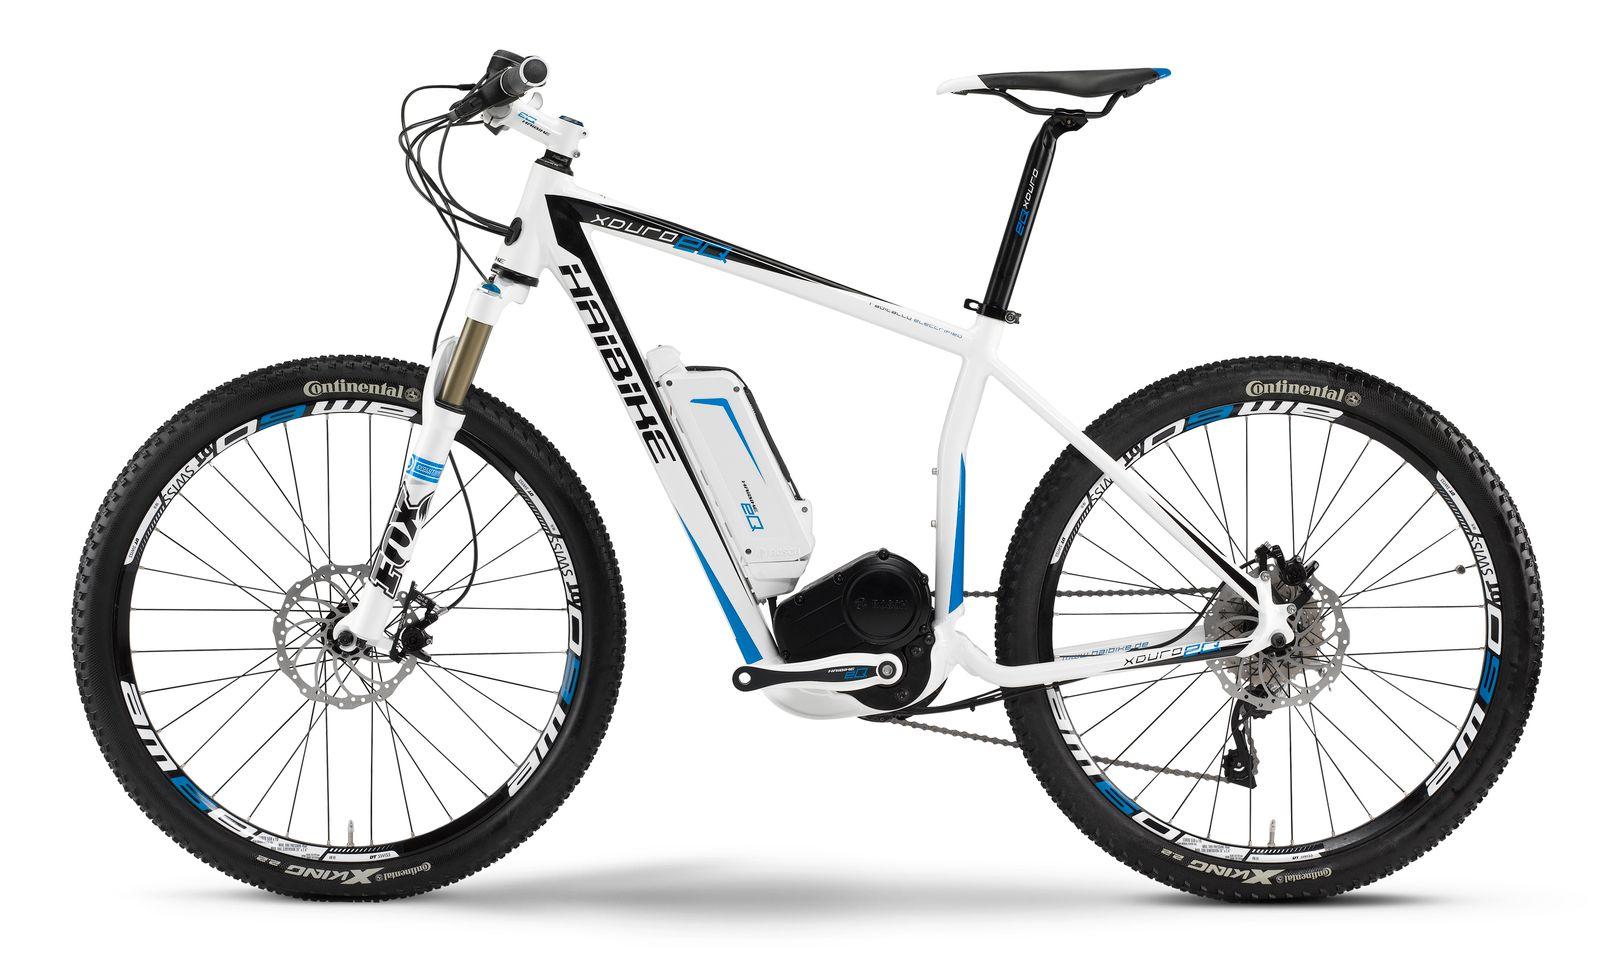 Mountainbike / eQ Xduro RX / Haibike